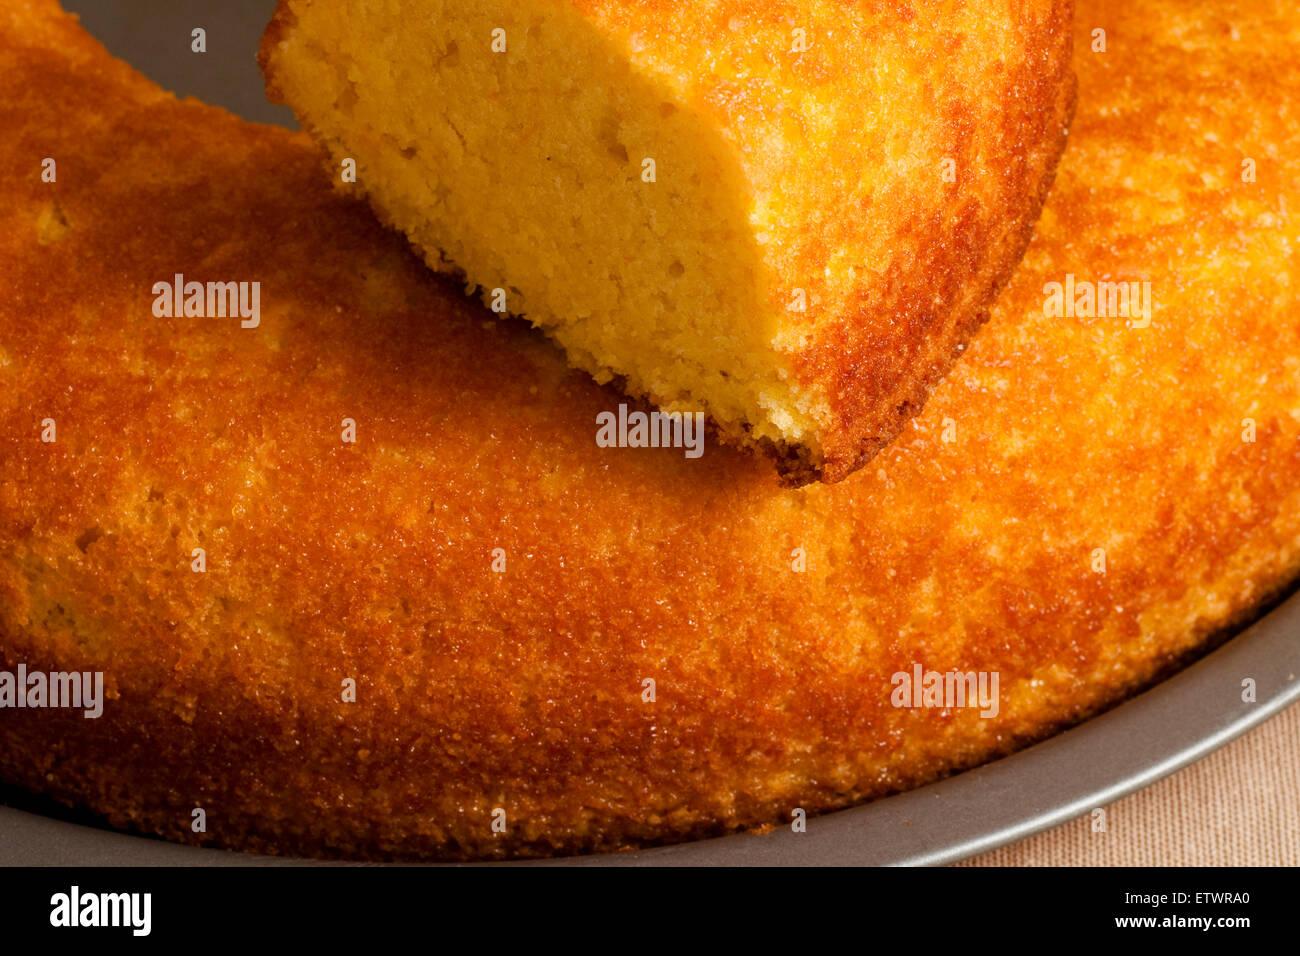 Ciambella dolce intero e tagliate a fette Immagini Stock